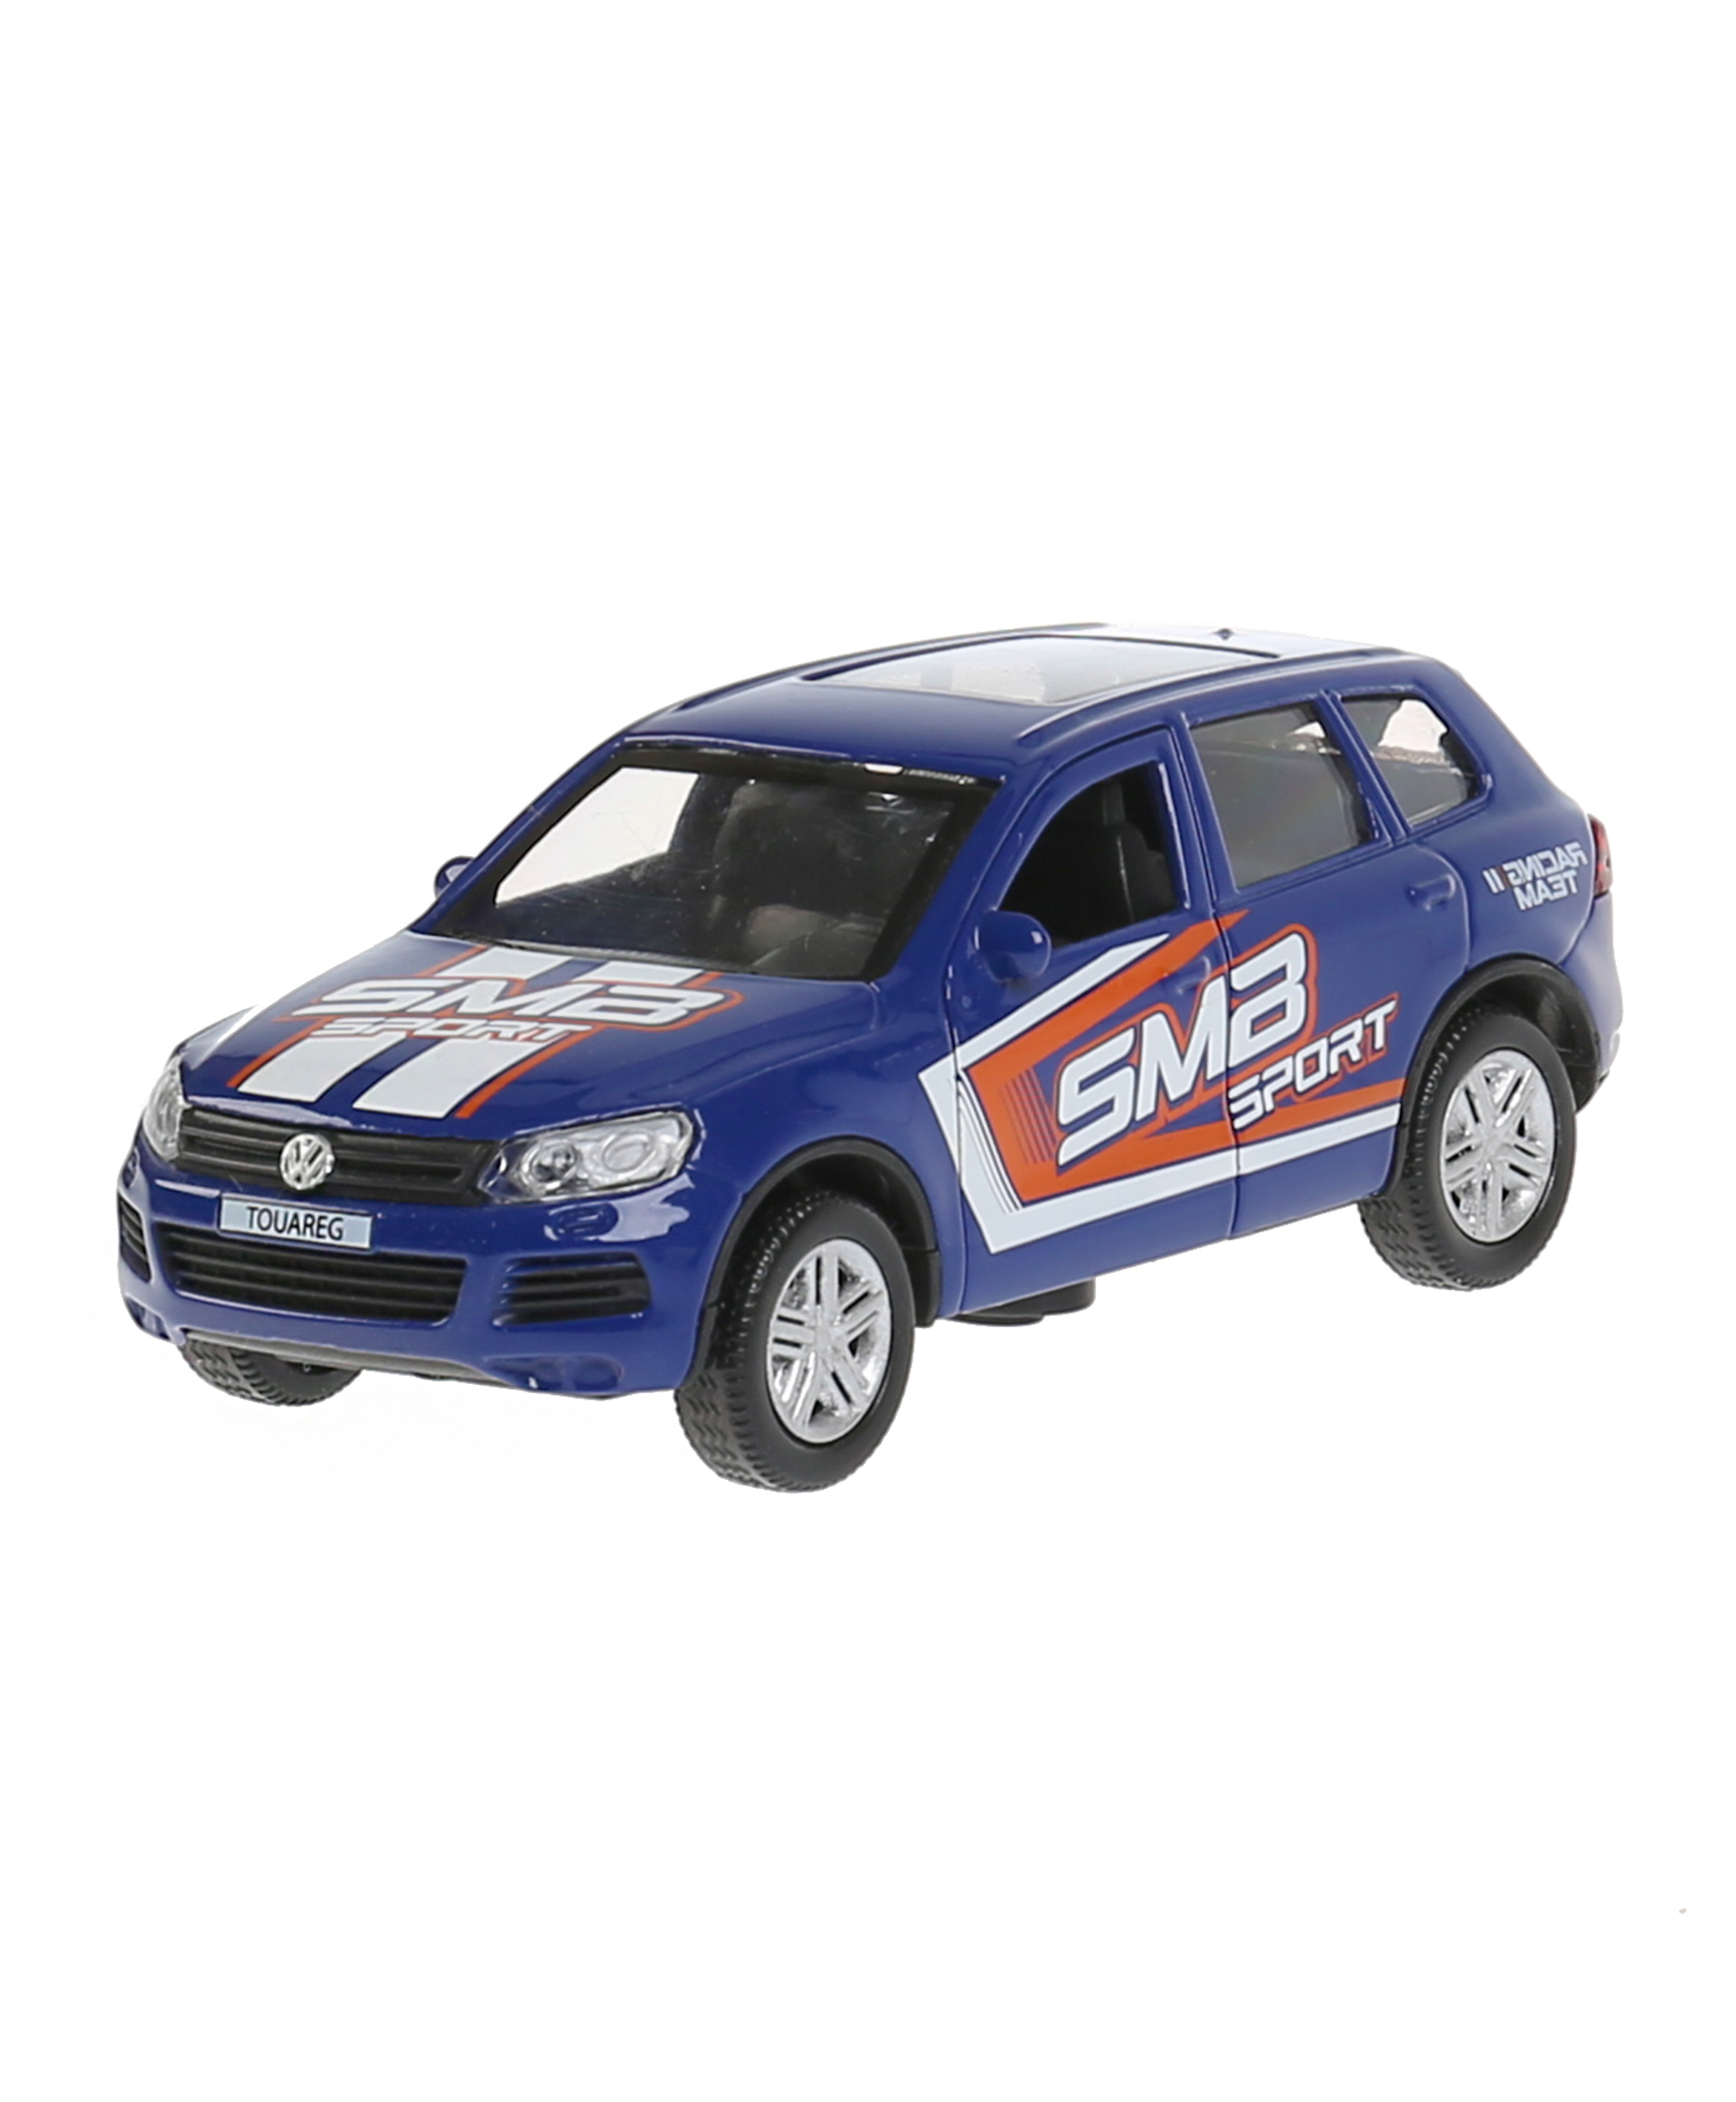 """Технопарк Машина """"VW Touareg спорт"""" 12см, инерционная, со светом и звуком 297508"""